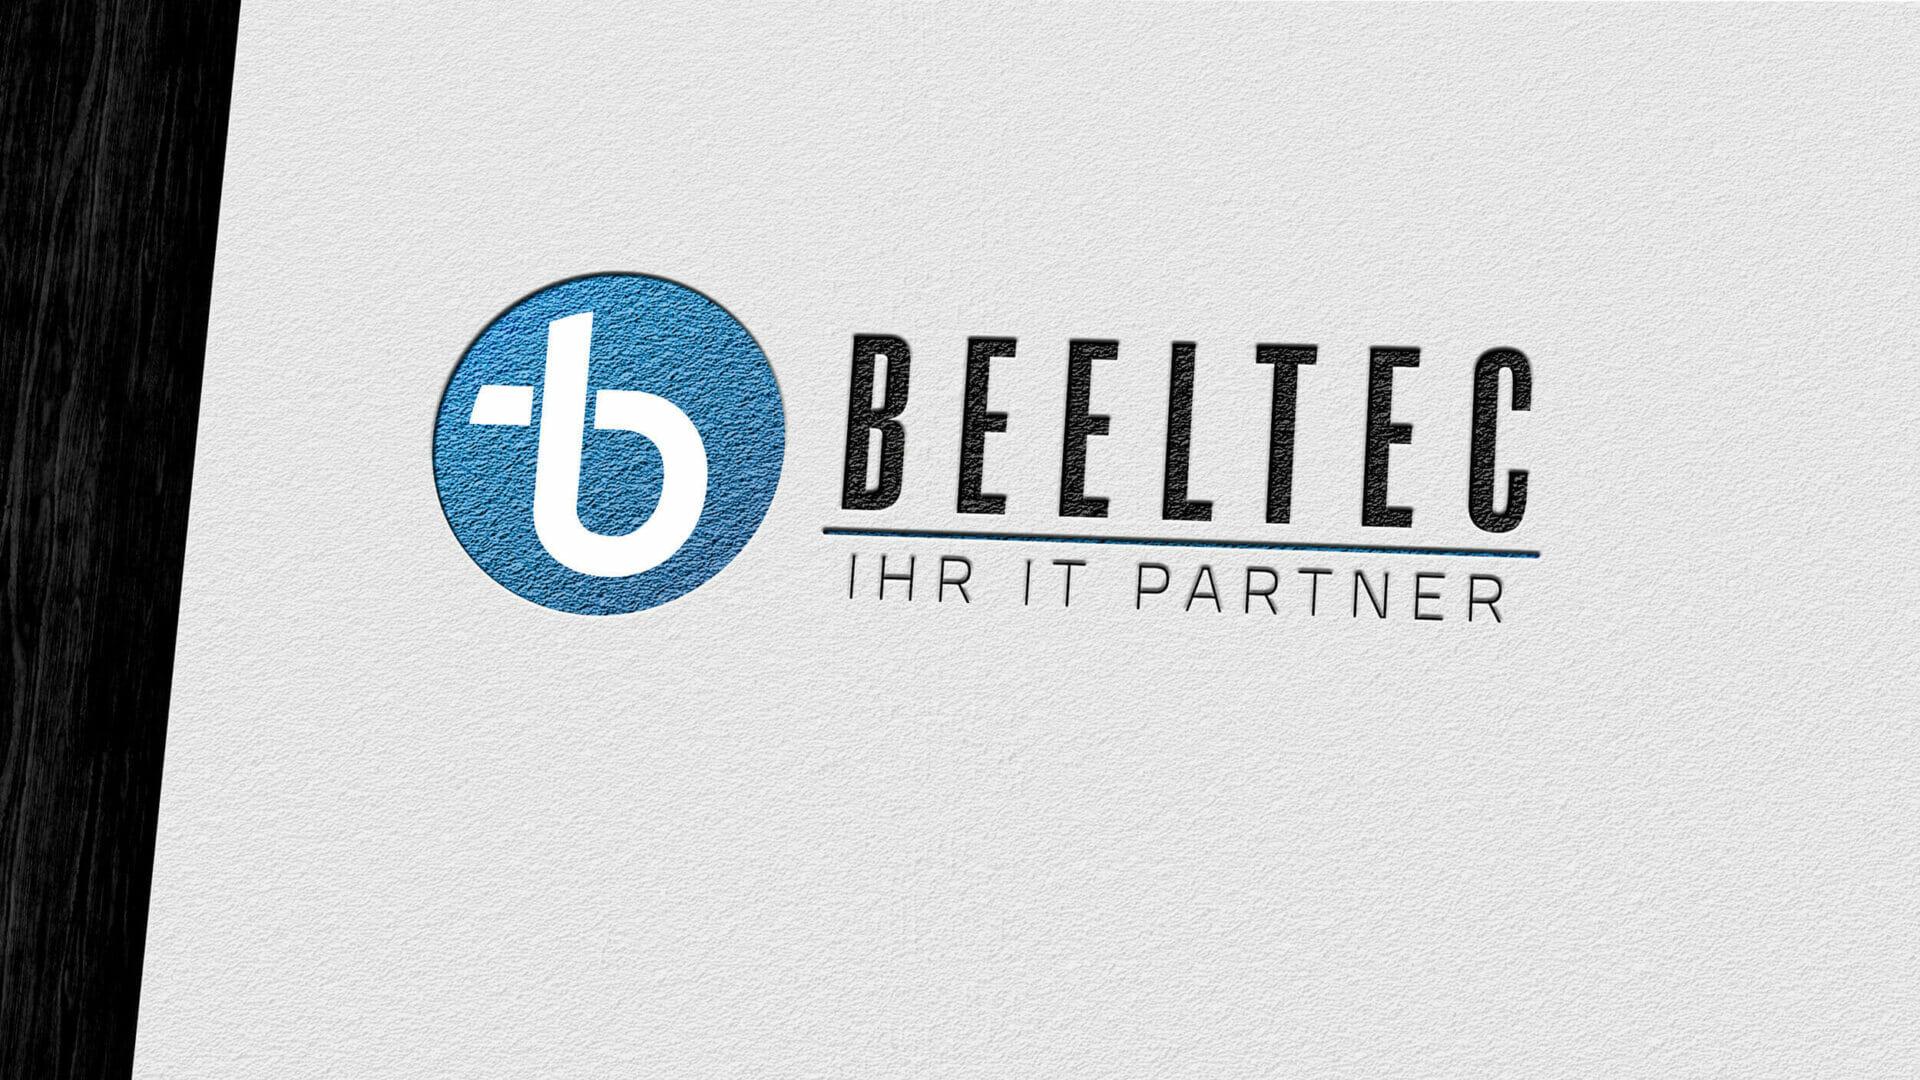 gestanztes Logo der Firma Beeltec auf einem Briefbogen